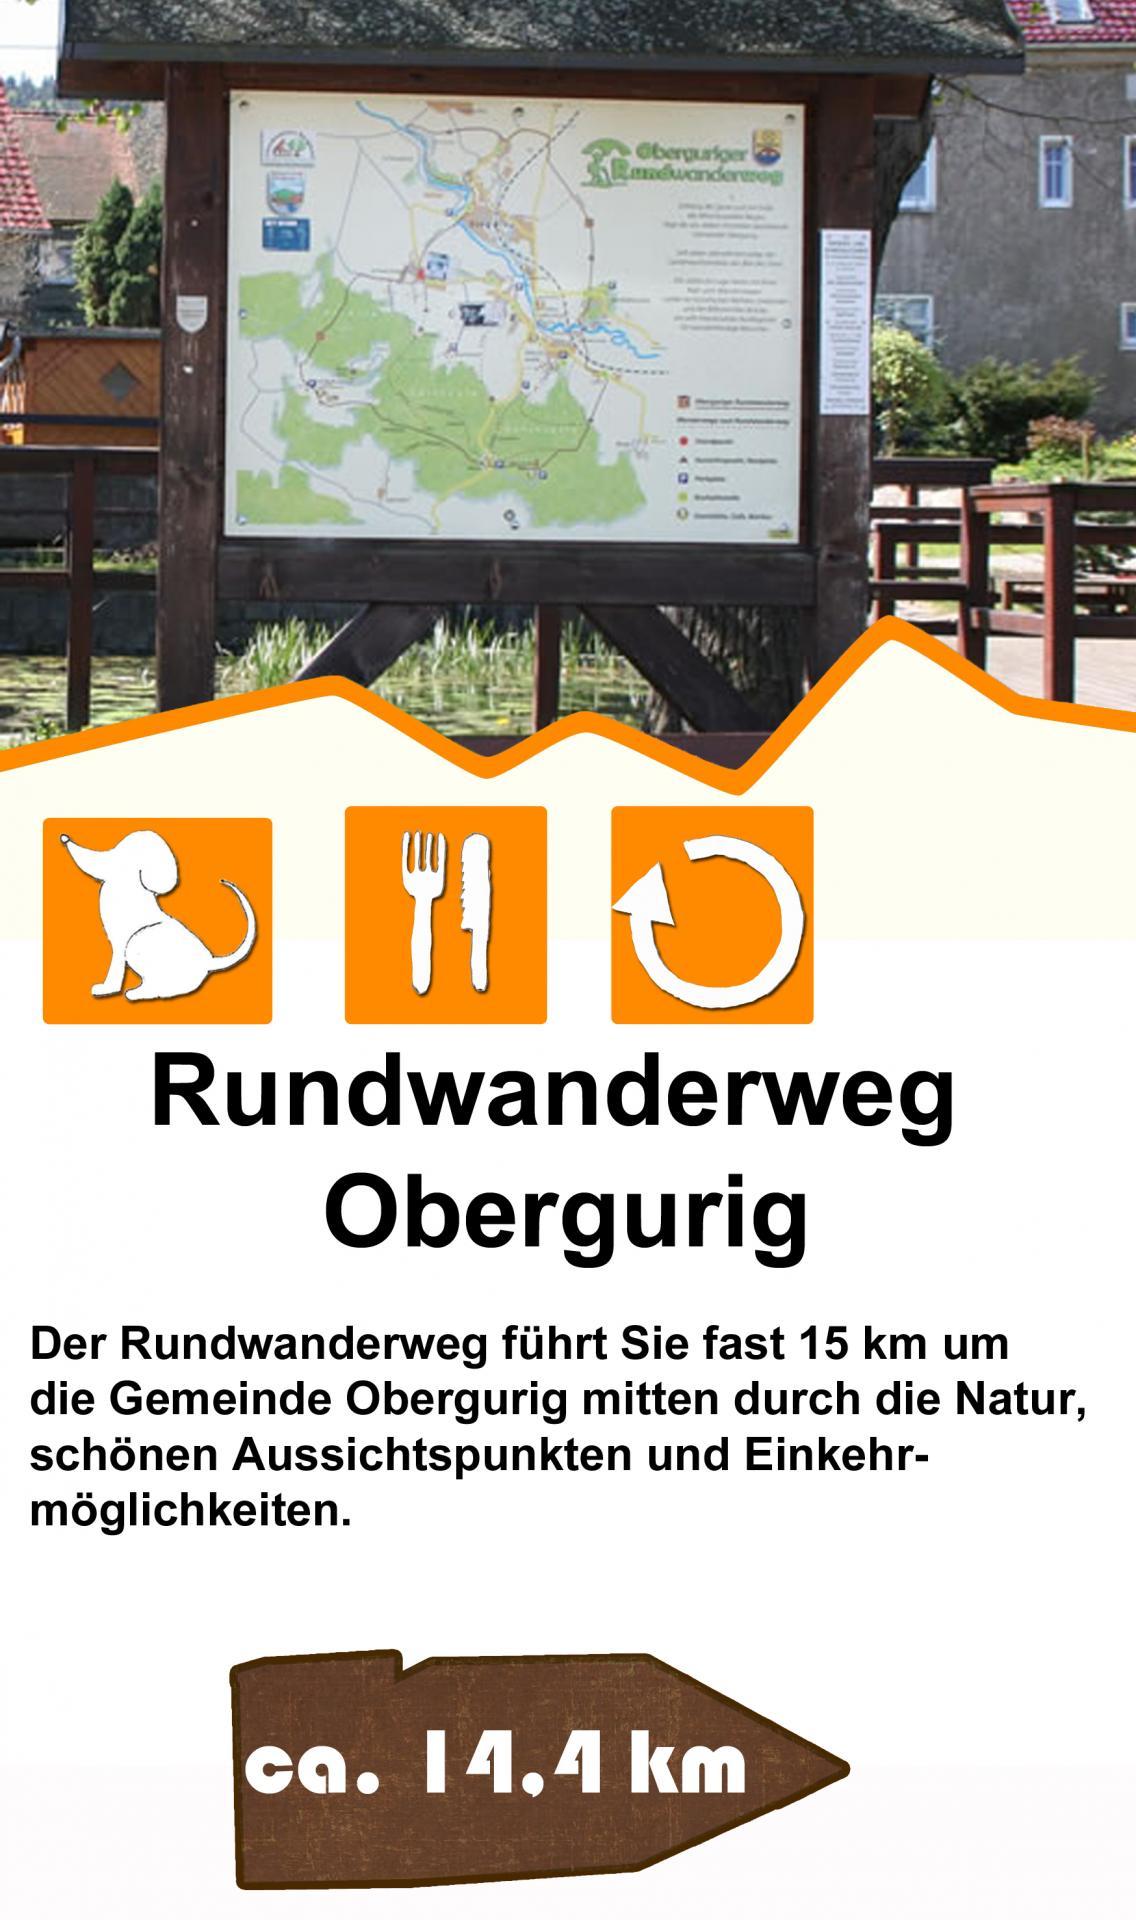 Rundwanderweg Obergurig